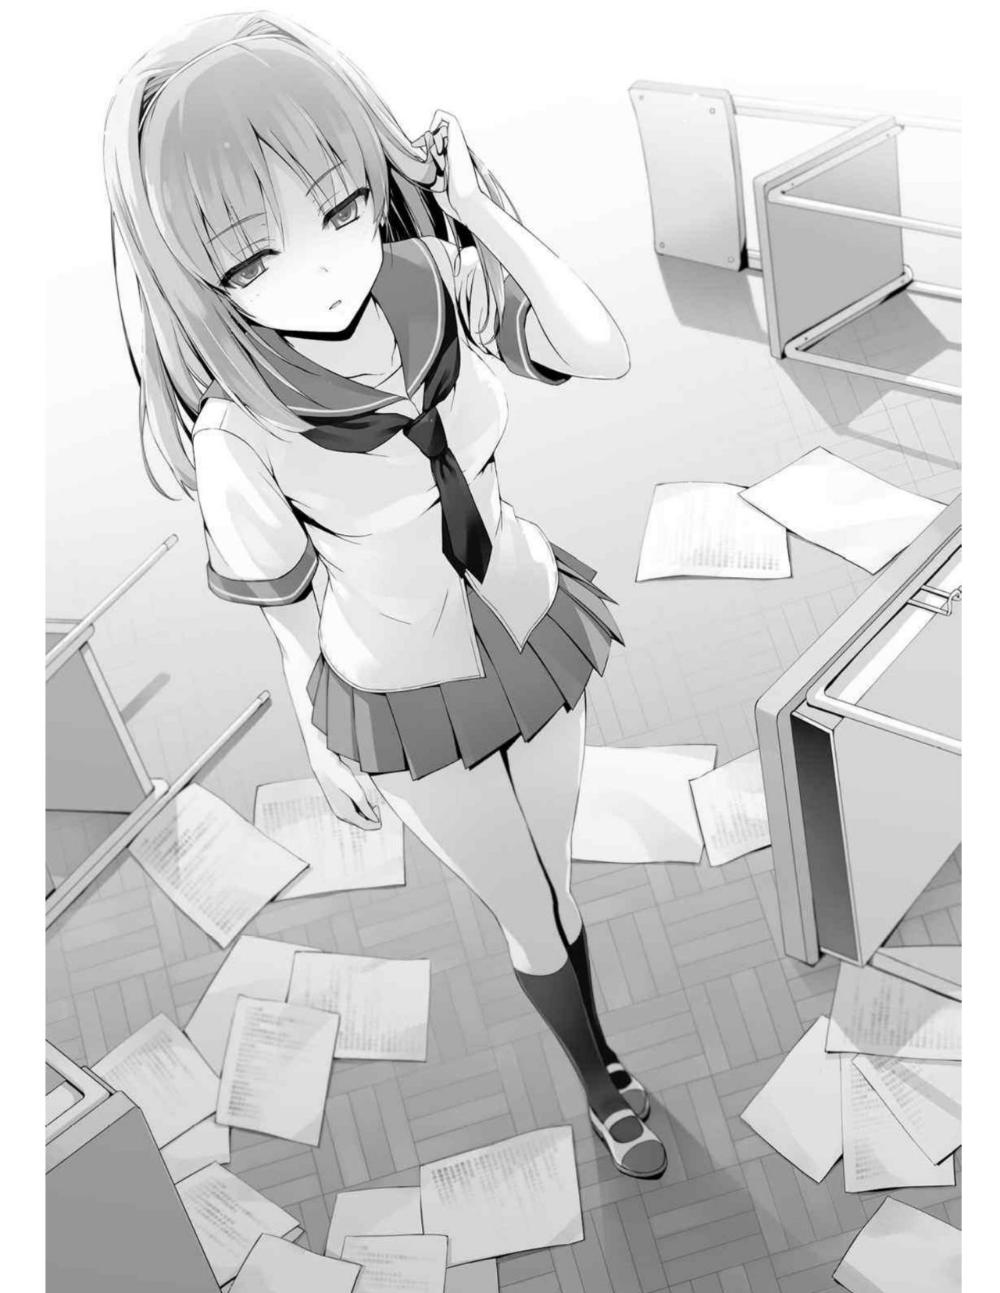 Youkoso Jitsuryoku Shijou Shugi No Kyoushitsu E Capítulo 45 00 Volumen 6 Capítulo 4 Gladheim Translations Tumangaonline